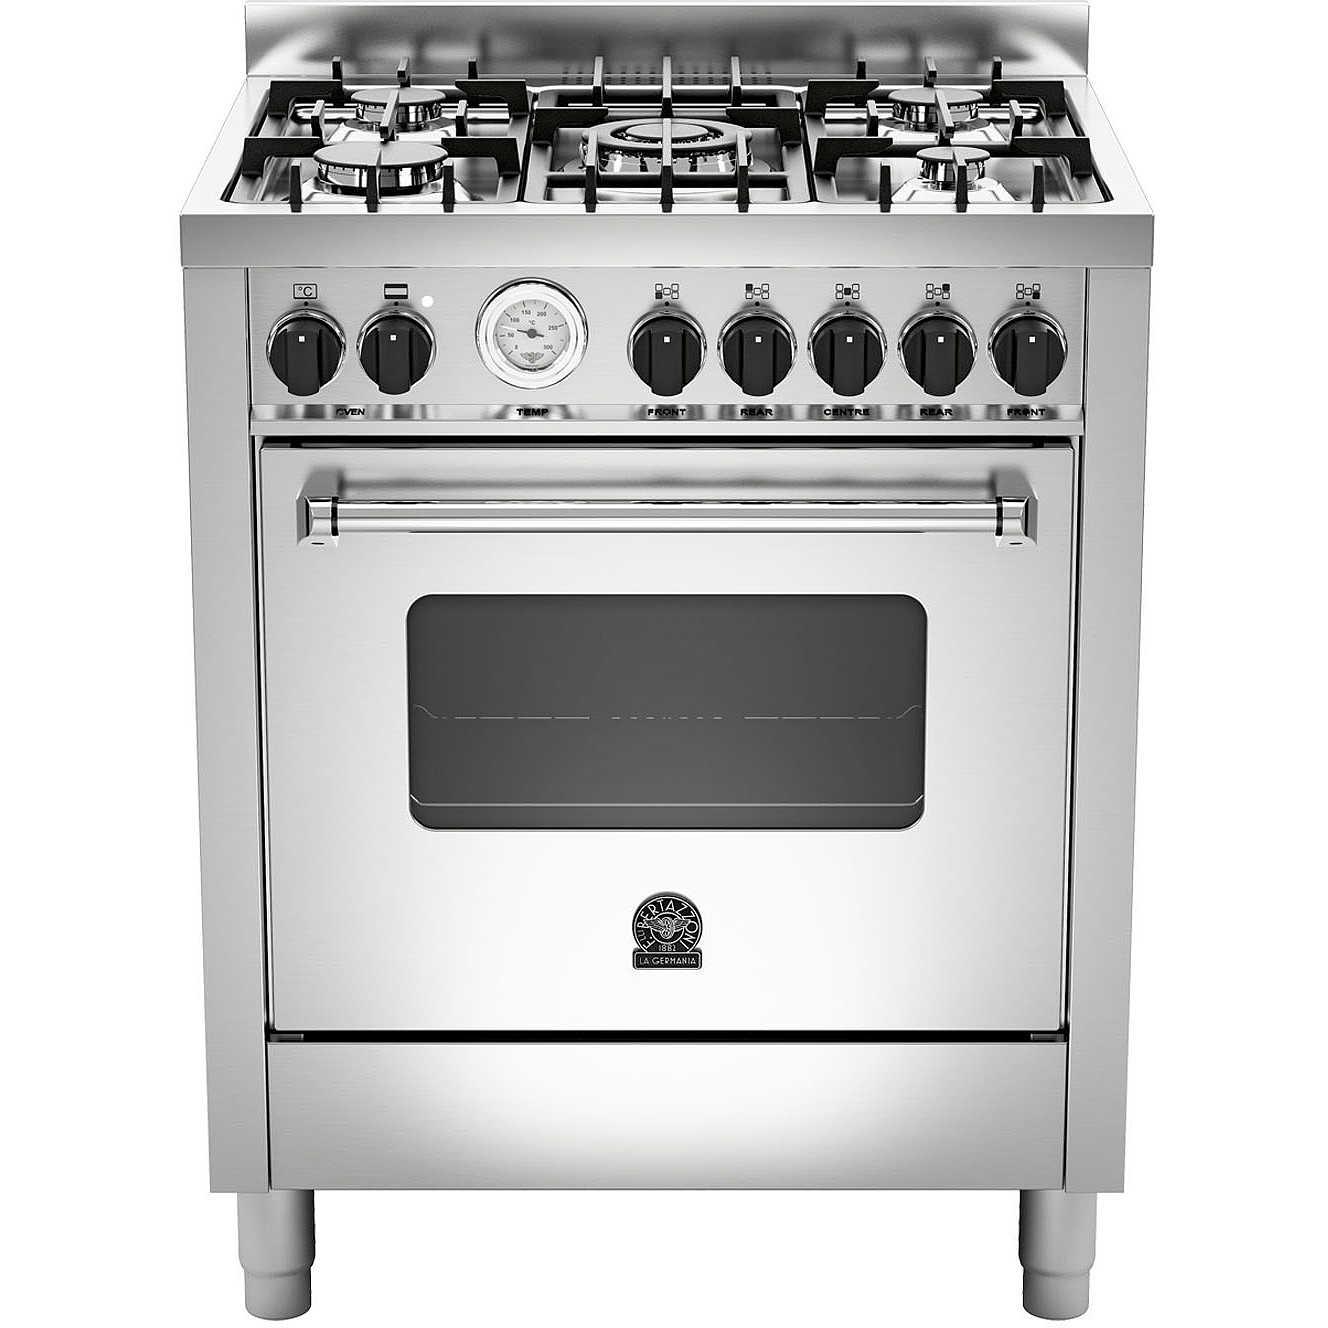 La germania amn705mfesxt cucina 70x60 5 fuochi a gas forno for Cucina 5 fuochi 70x60